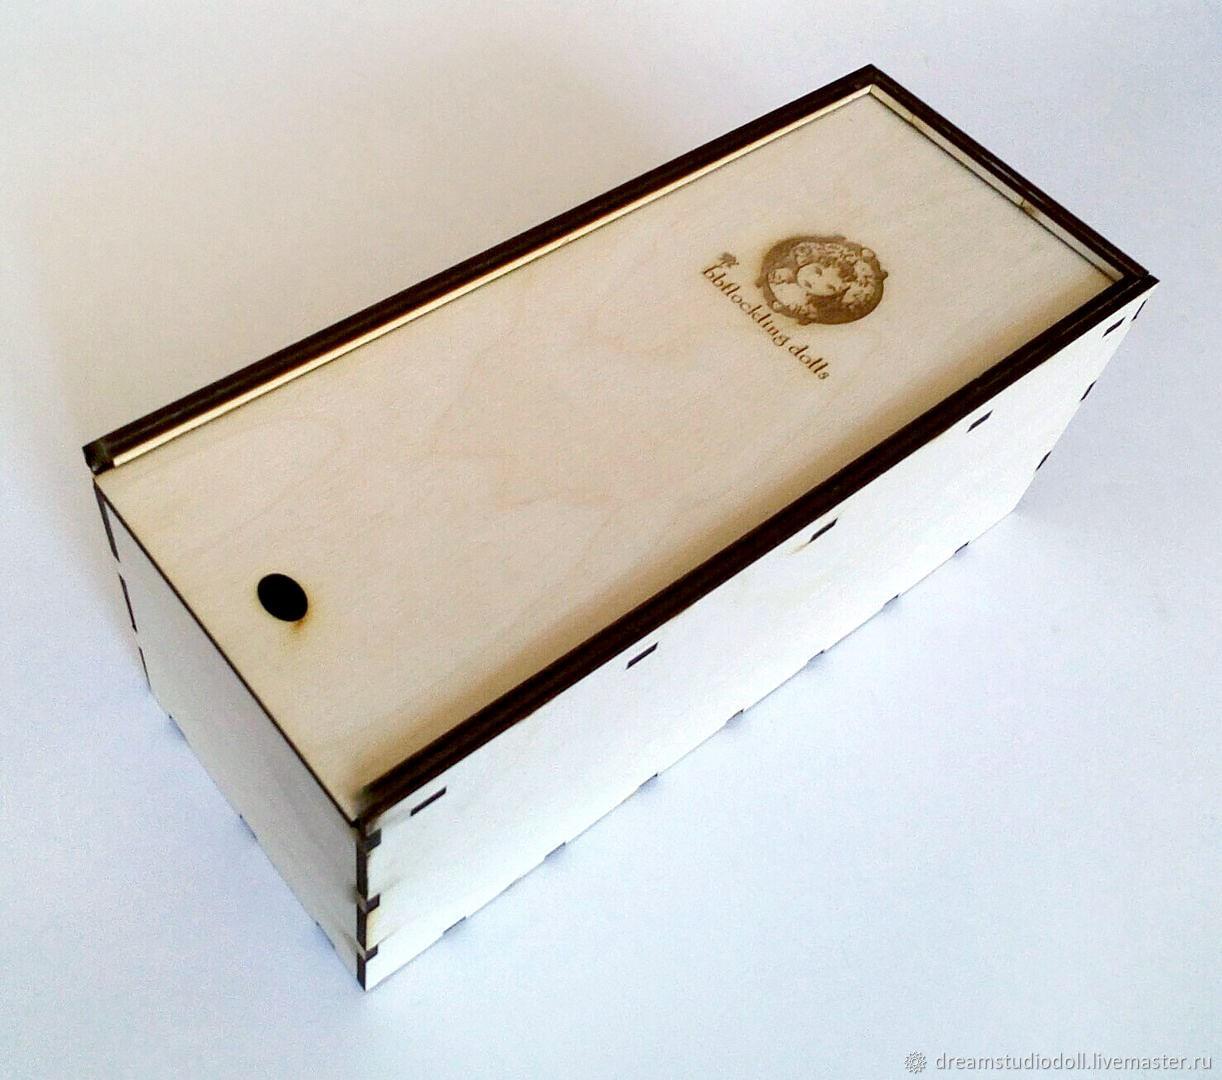 Деревянная коробка для куклы Блайз (Blythe) с вашим логотипом, Аксессуары для кукол и игрушек, Санкт-Петербург,  Фото №1